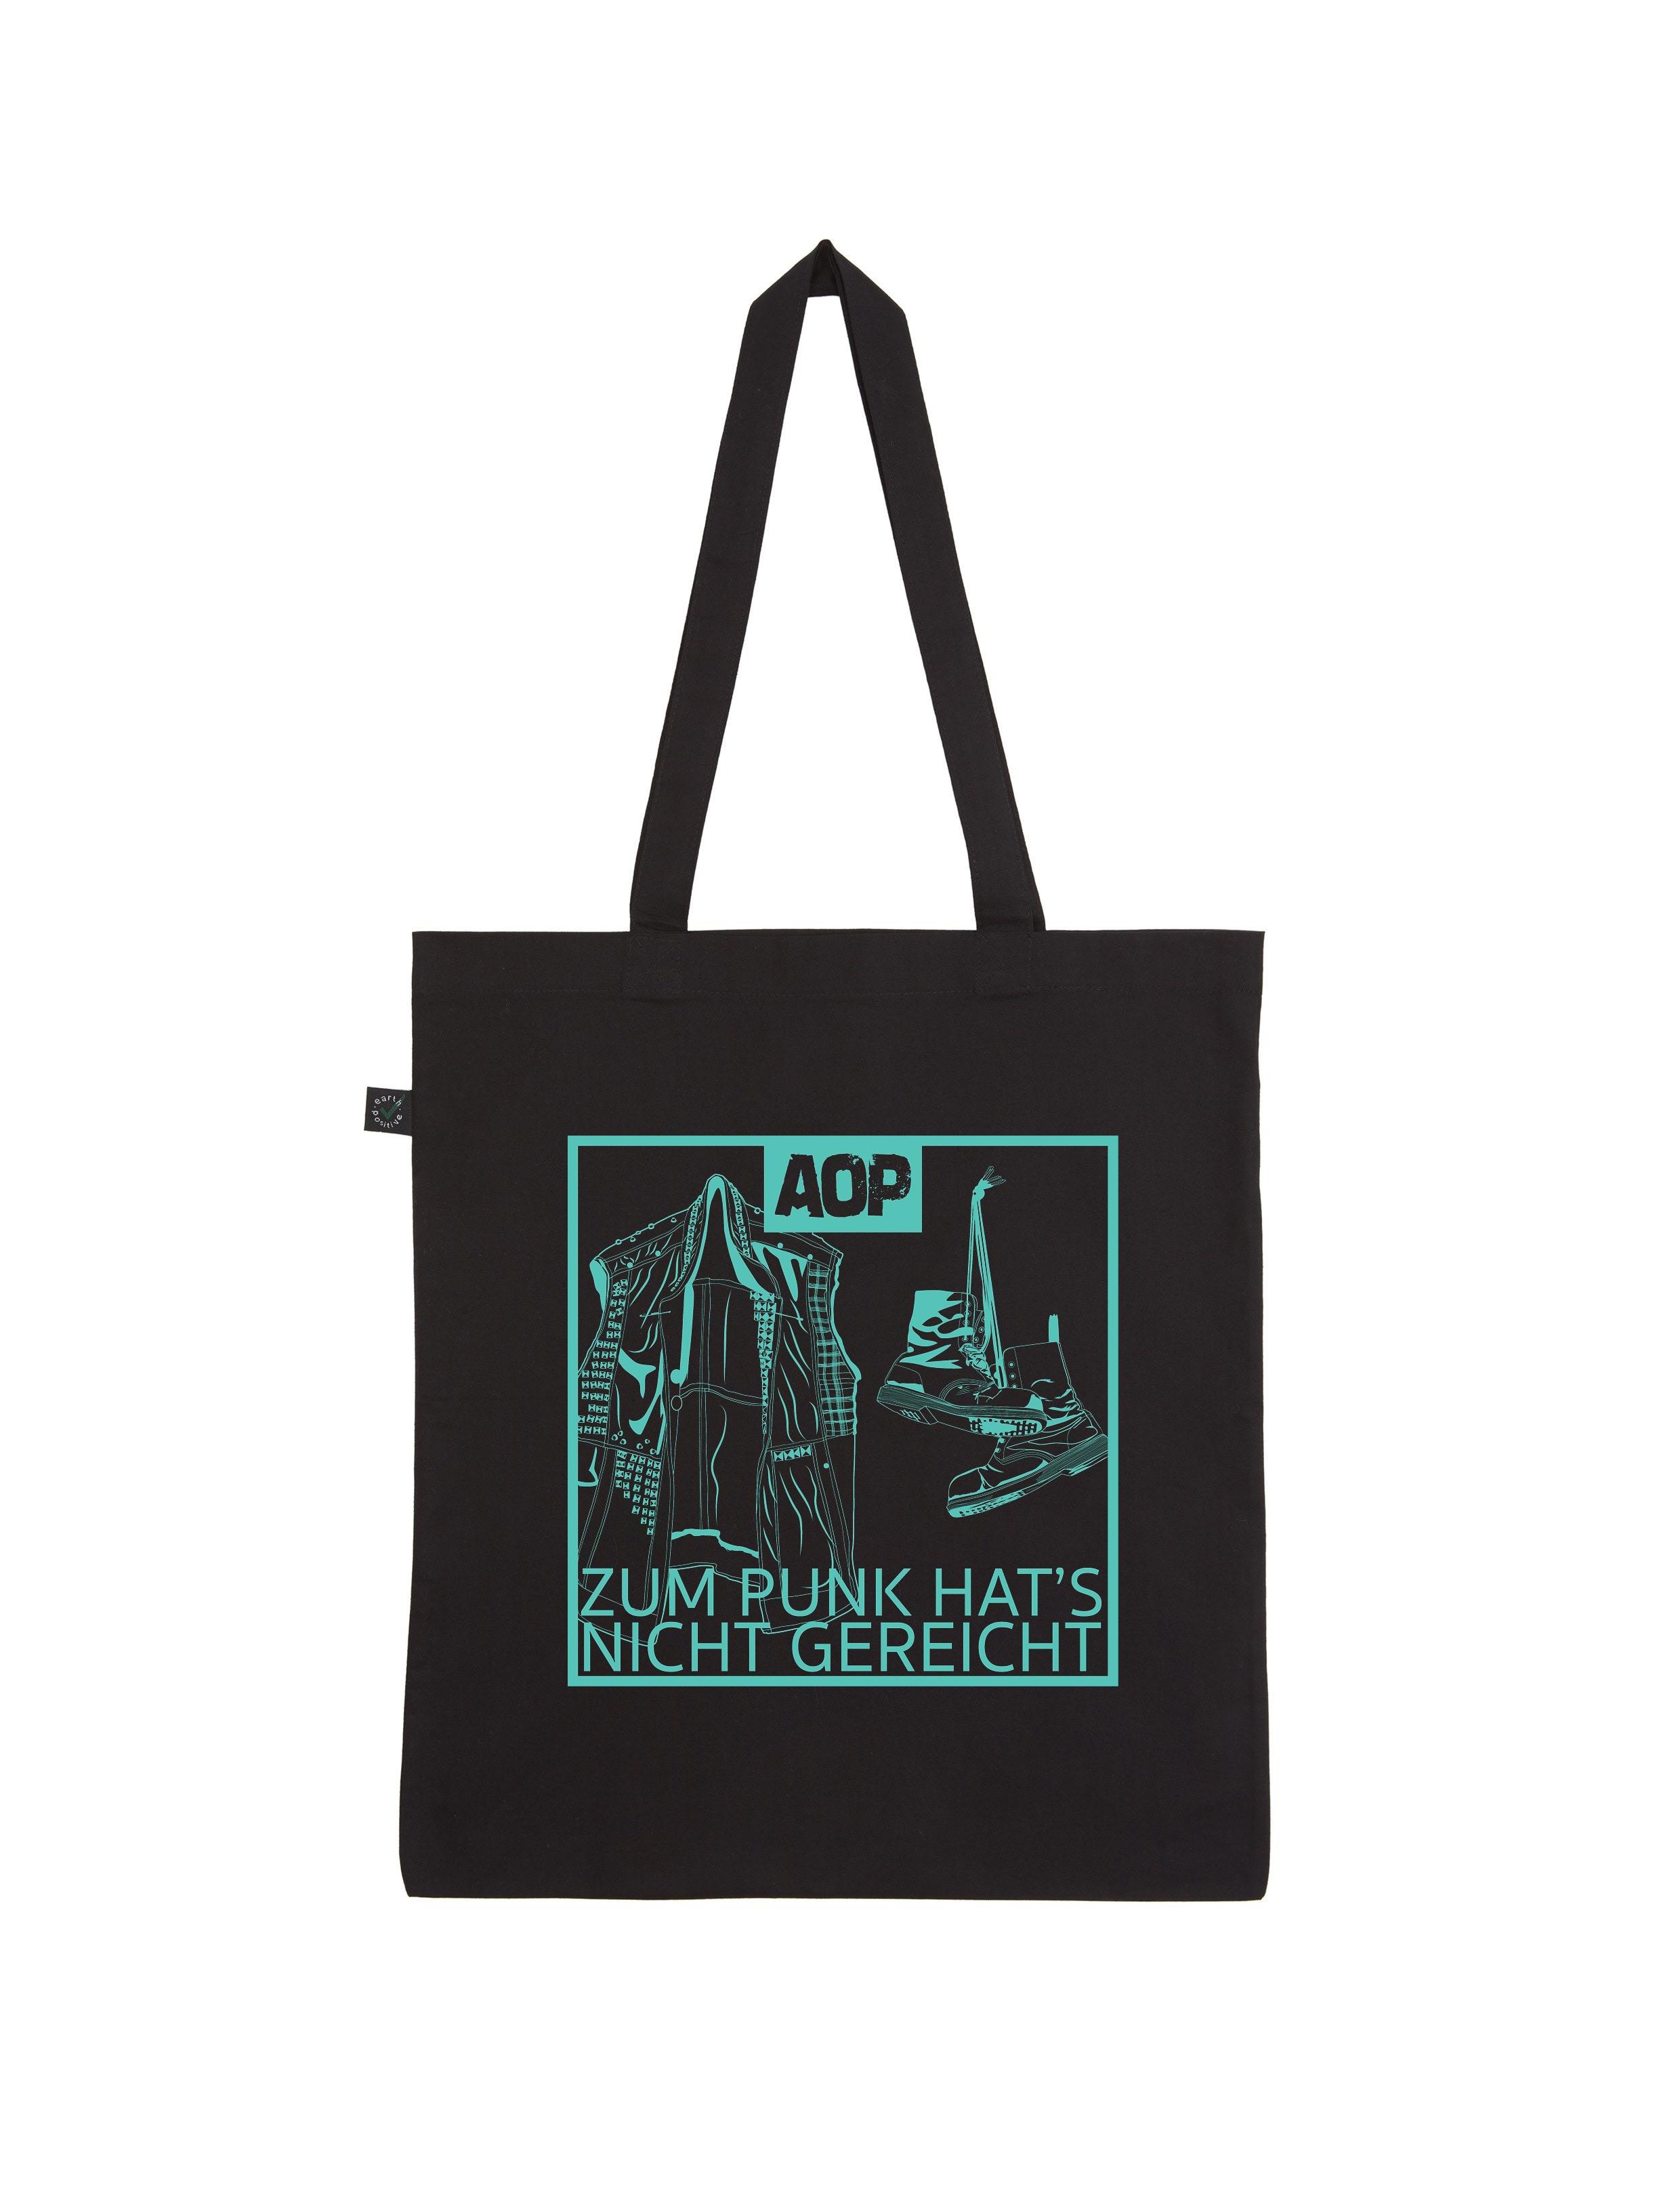 AOP – Zum Punk hat's nicht gereicht – Shopper-Bag (schwarz)